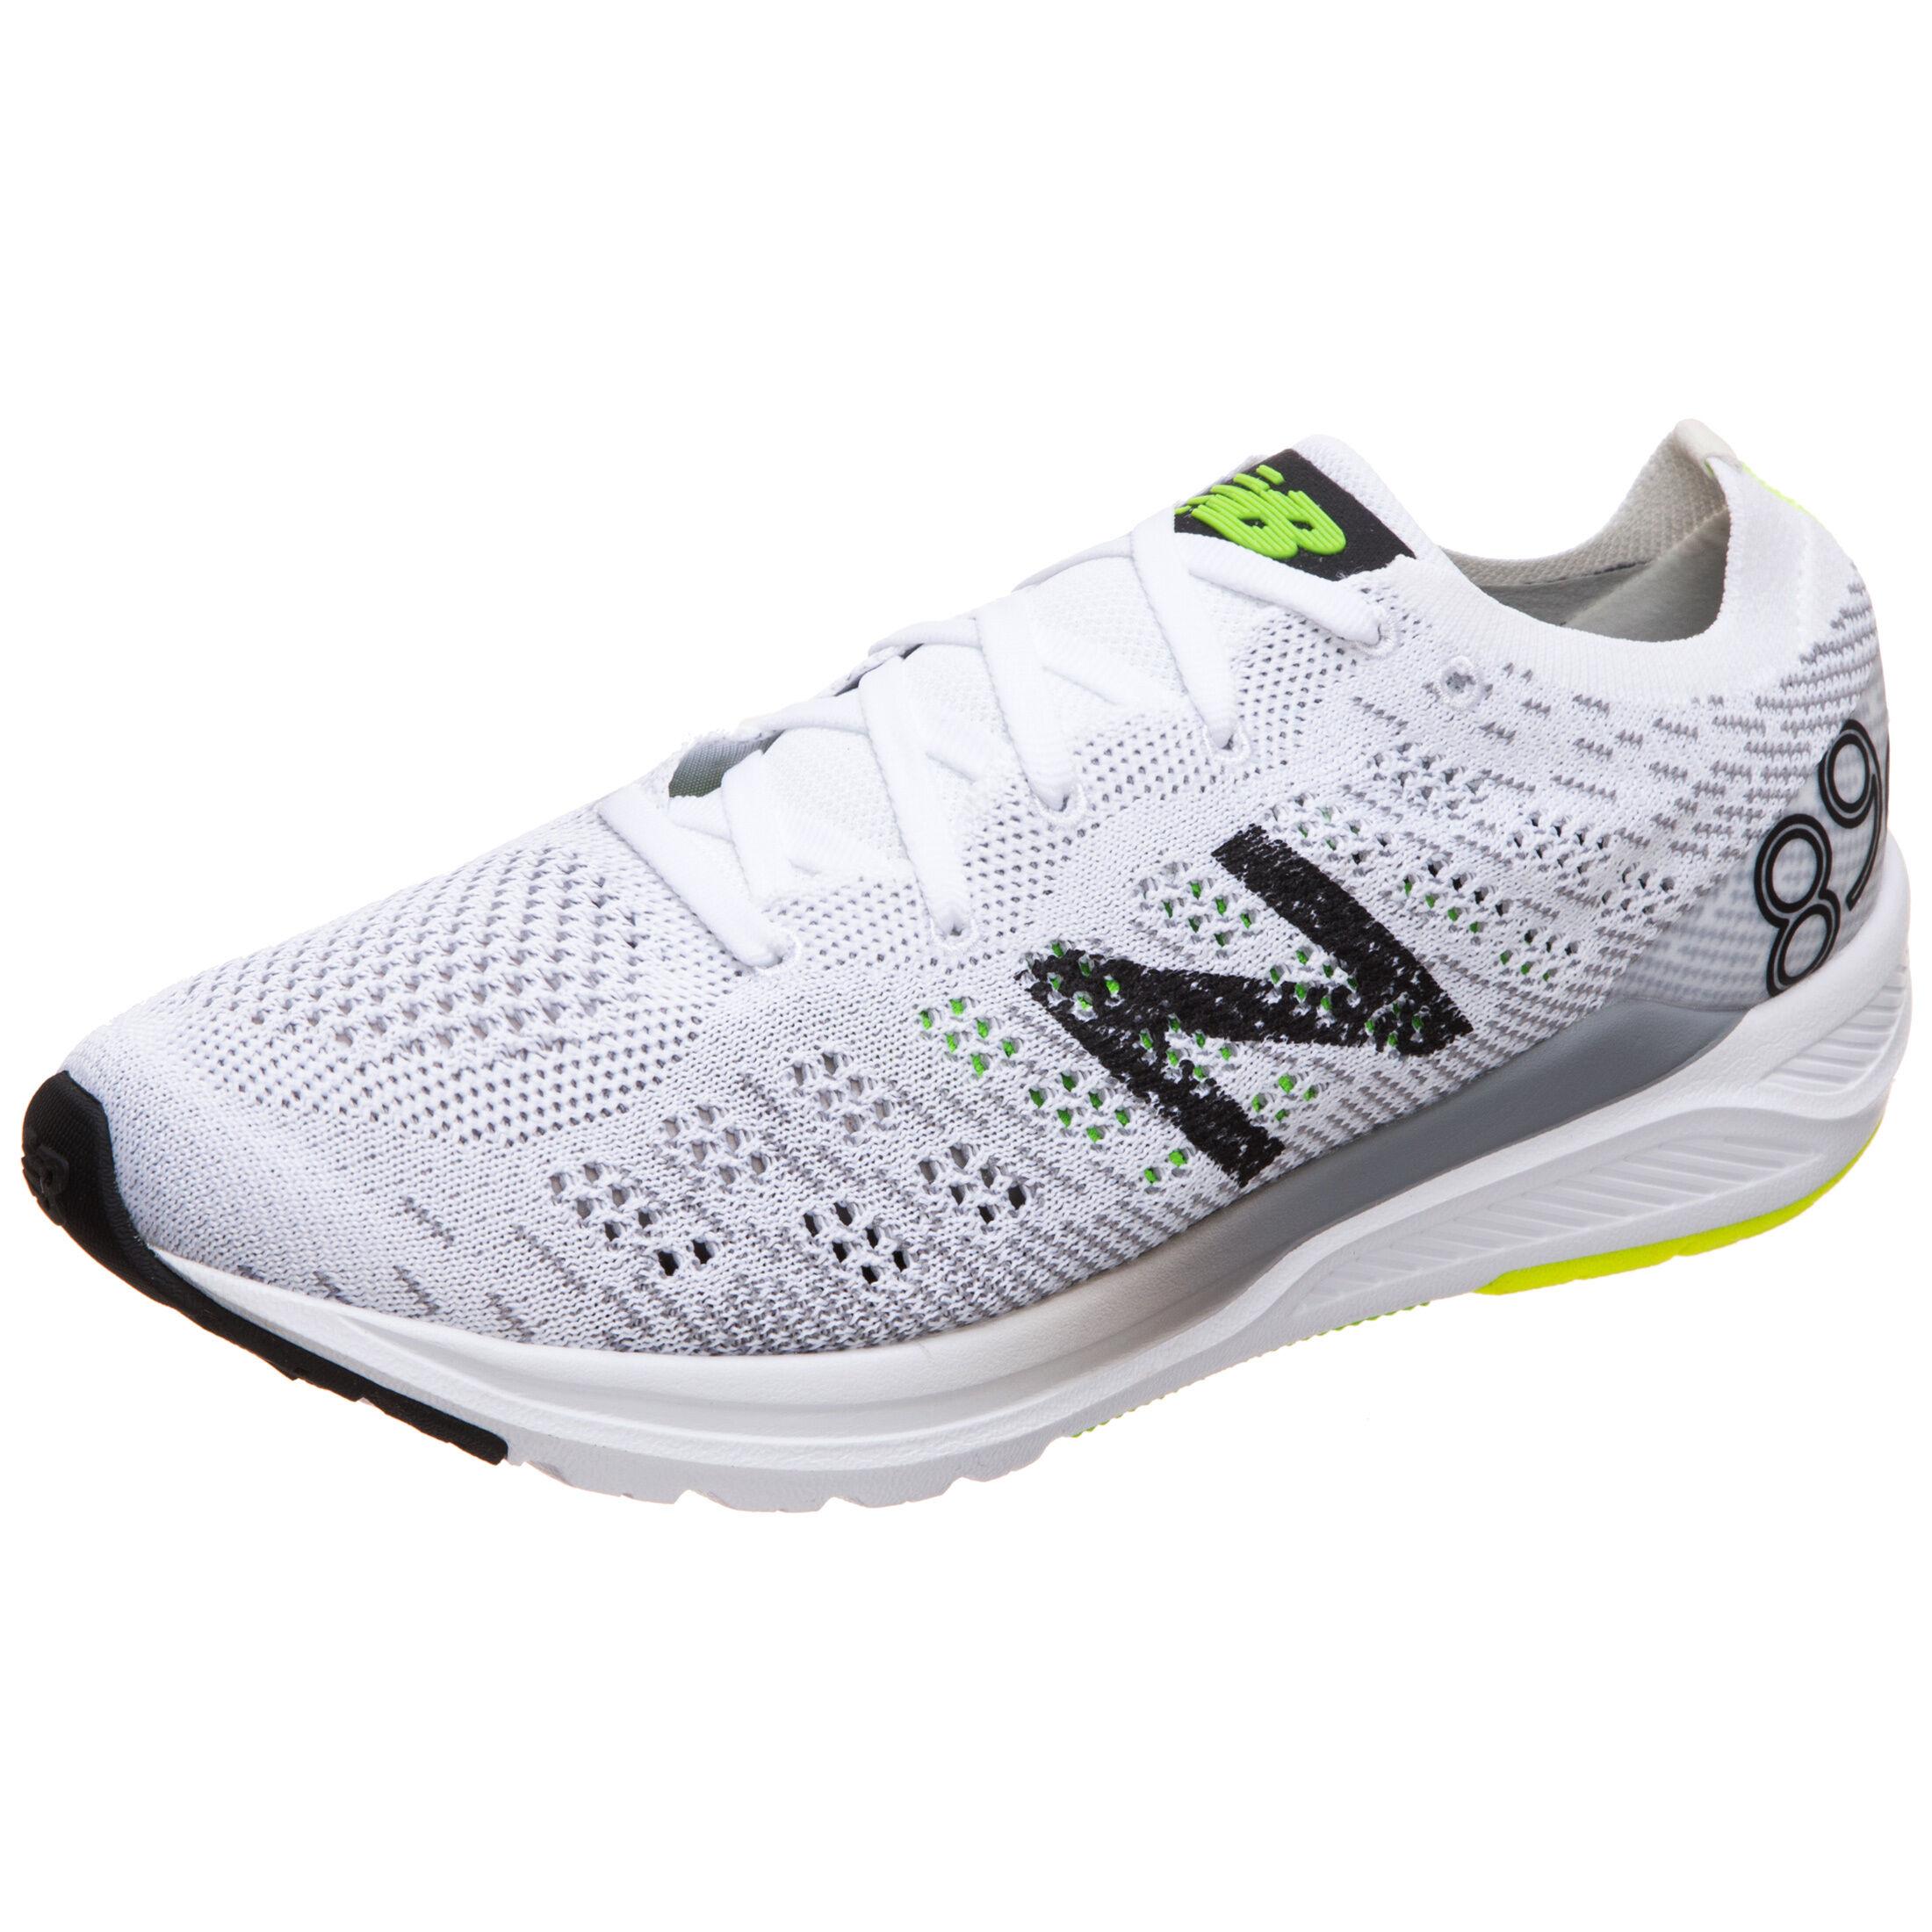 Outfitter Mehr New BalanceBei Mehr BalanceBei Outfitter Mehr New Sport Sport YbHID92EeW